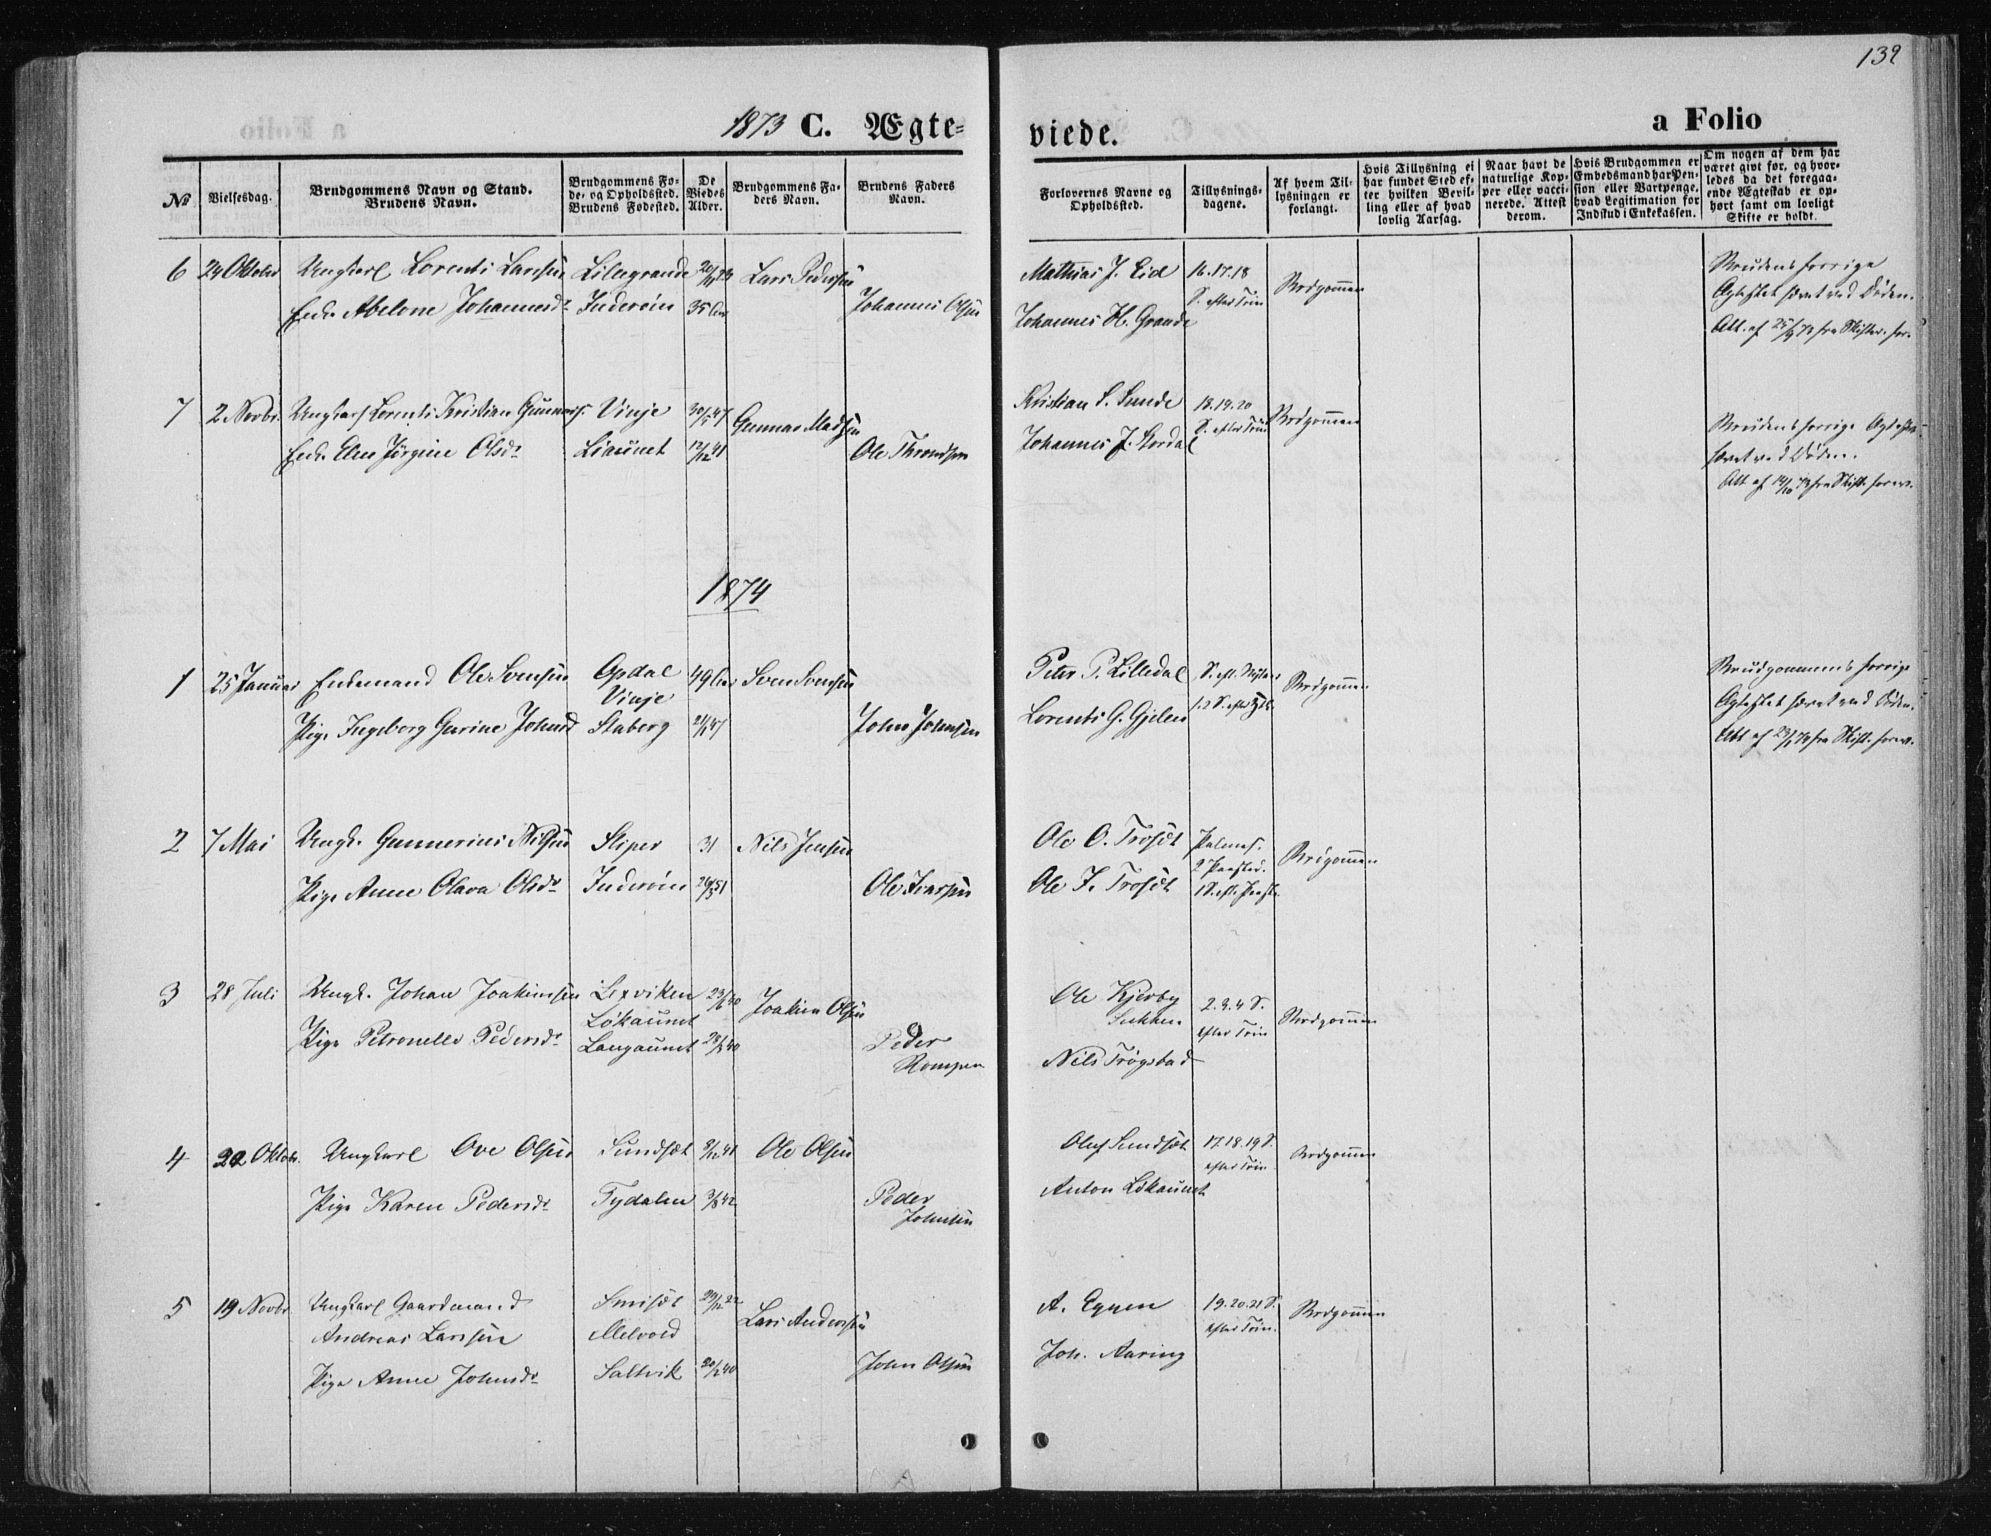 SAT, Ministerialprotokoller, klokkerbøker og fødselsregistre - Nord-Trøndelag, 733/L0324: Ministerialbok nr. 733A03, 1870-1883, s. 132